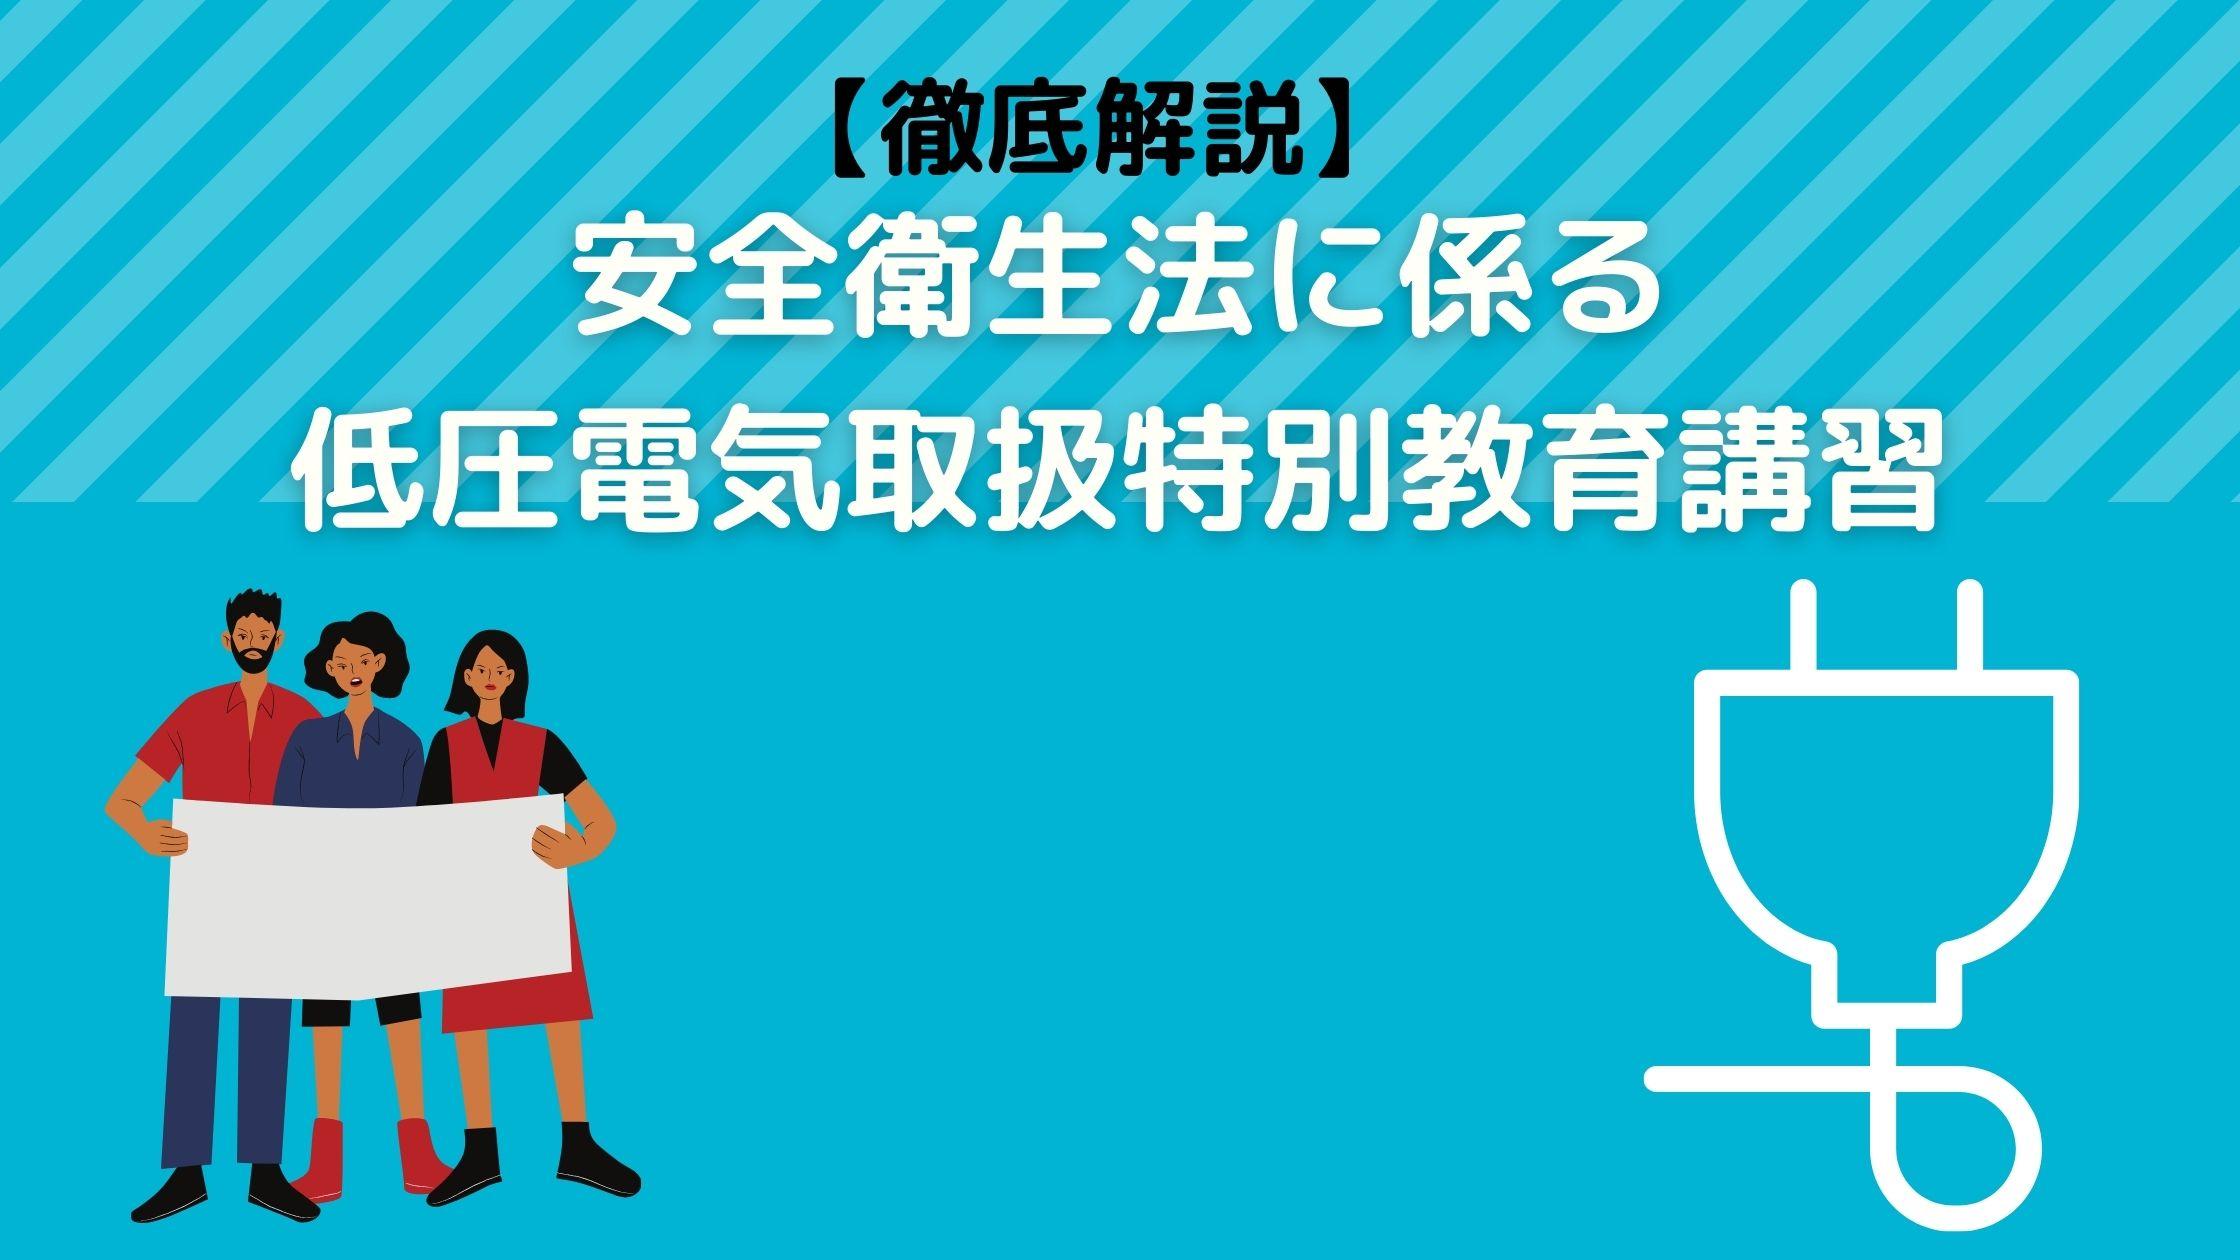 【徹底解説】安全衛生法に係る低圧電気取扱特別教育講習